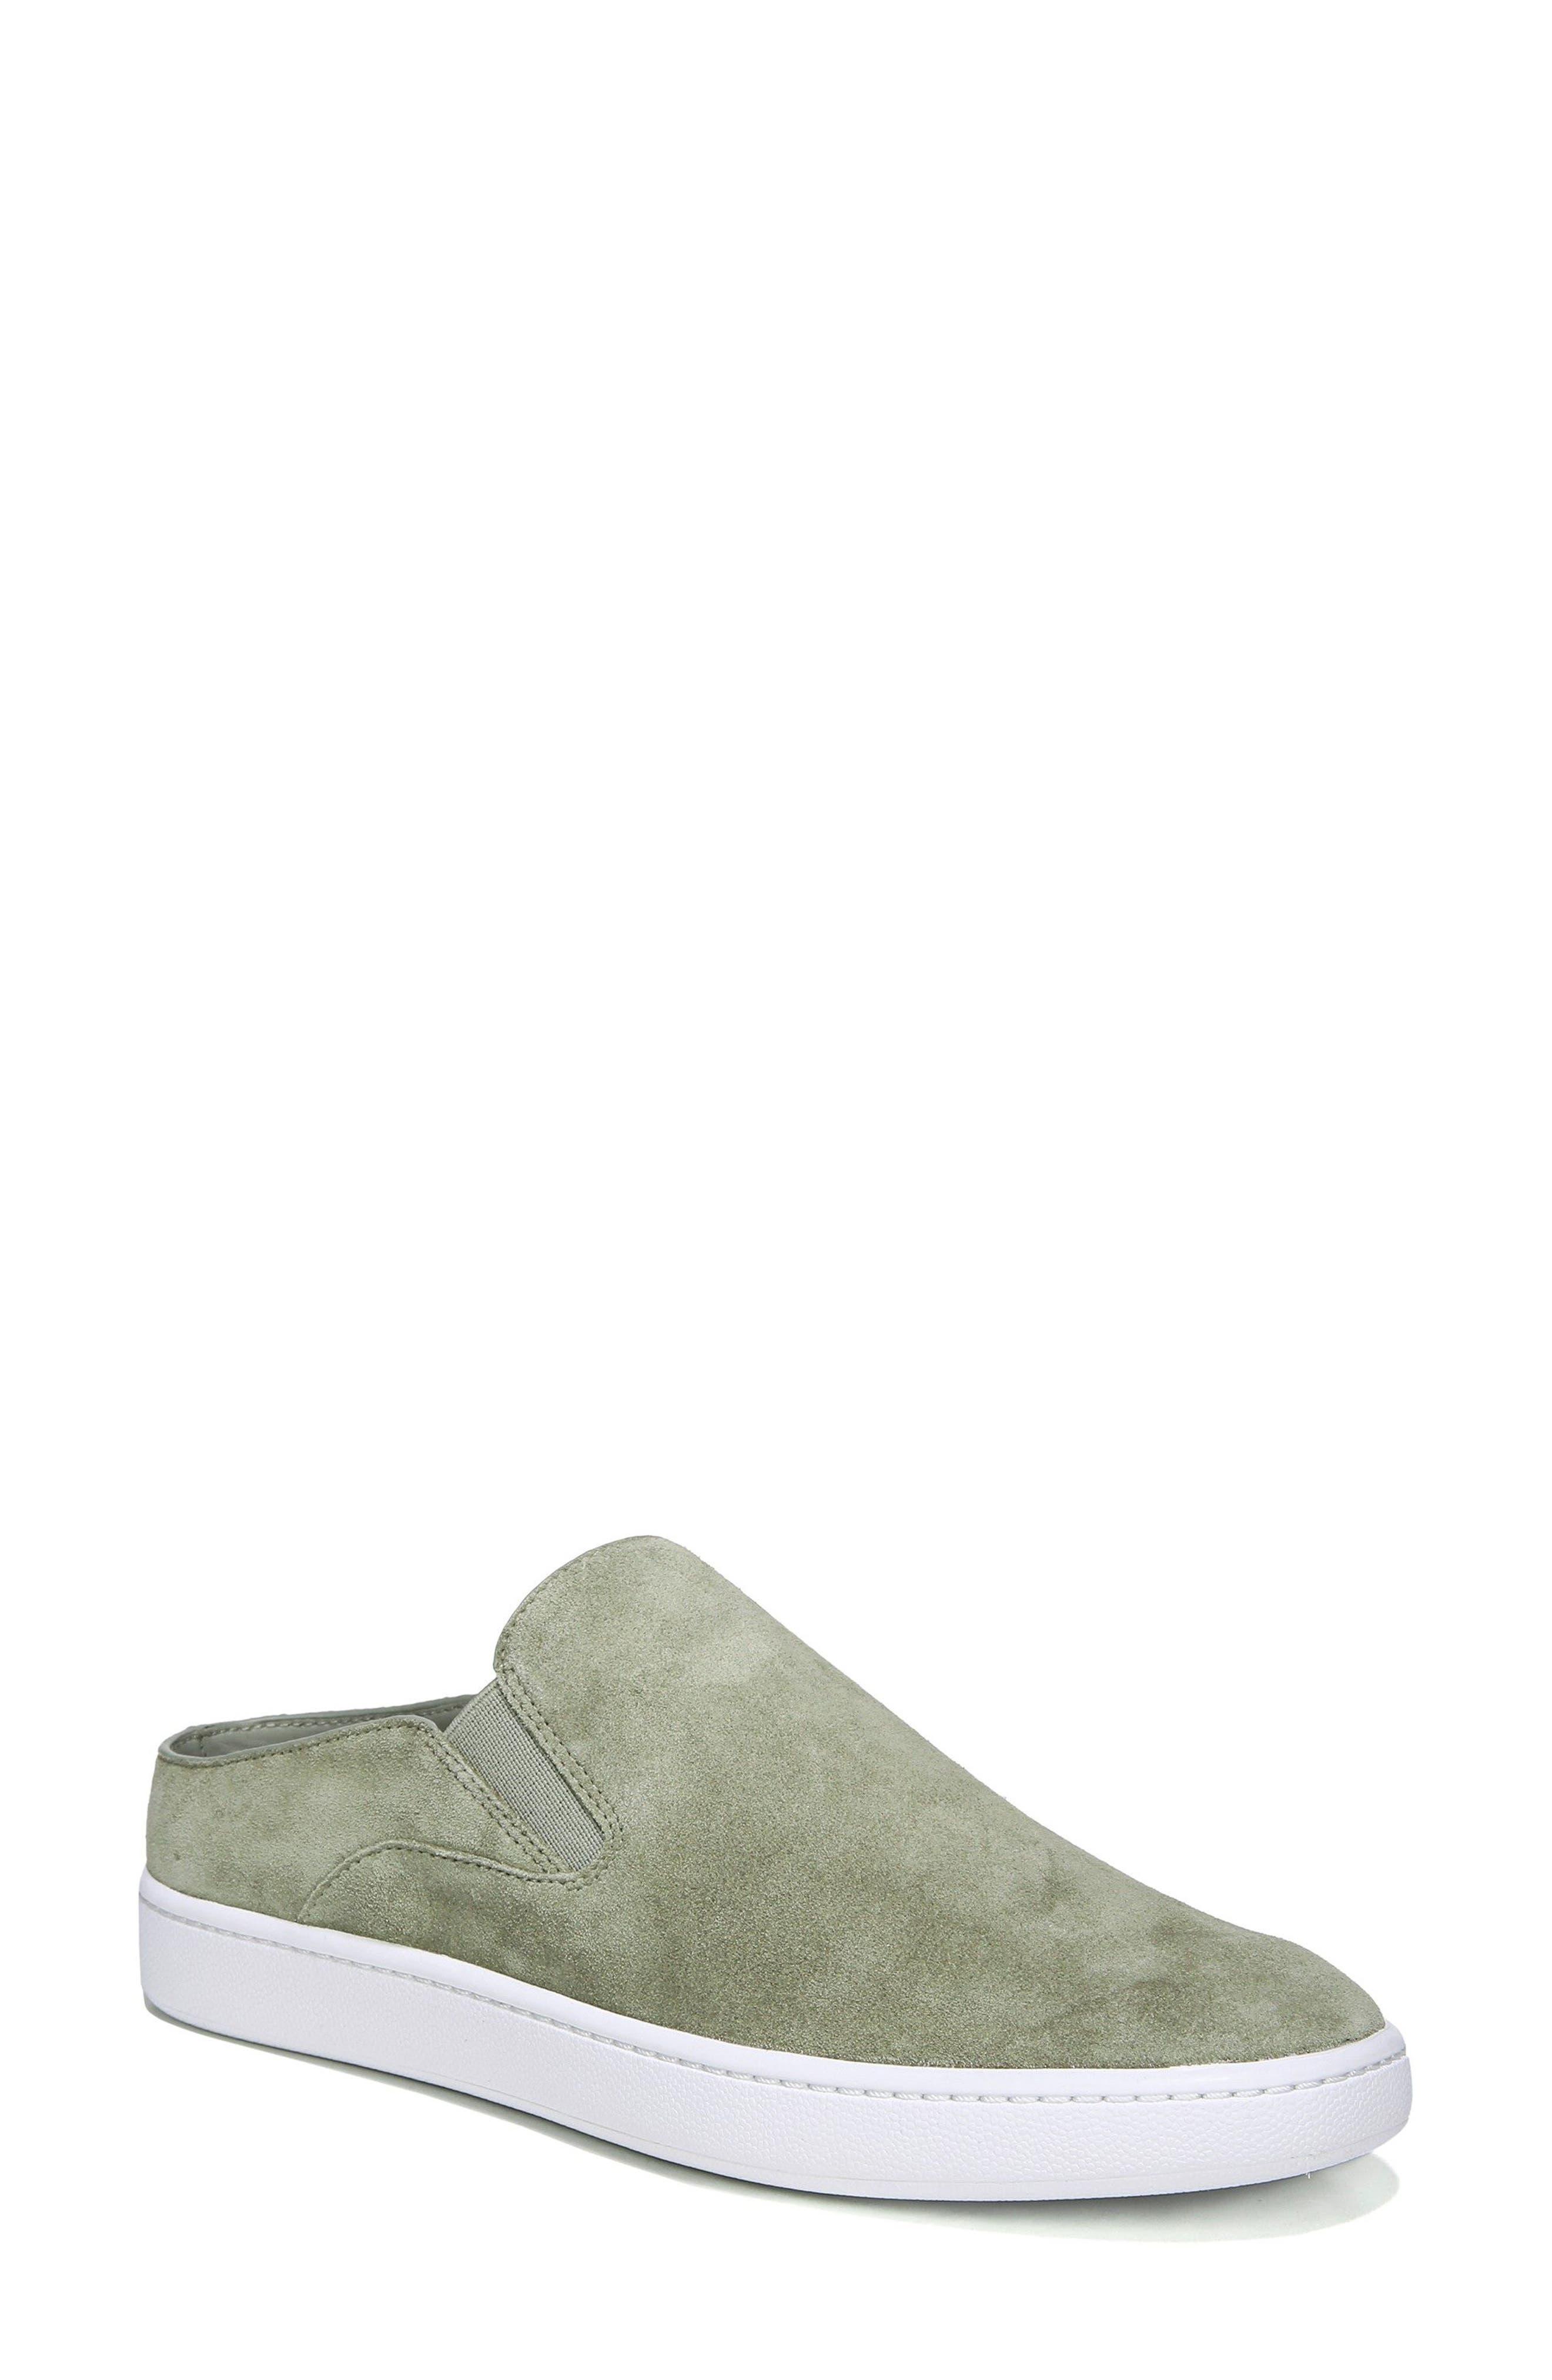 Verrell Slip-On Sneaker,                             Main thumbnail 2, color,